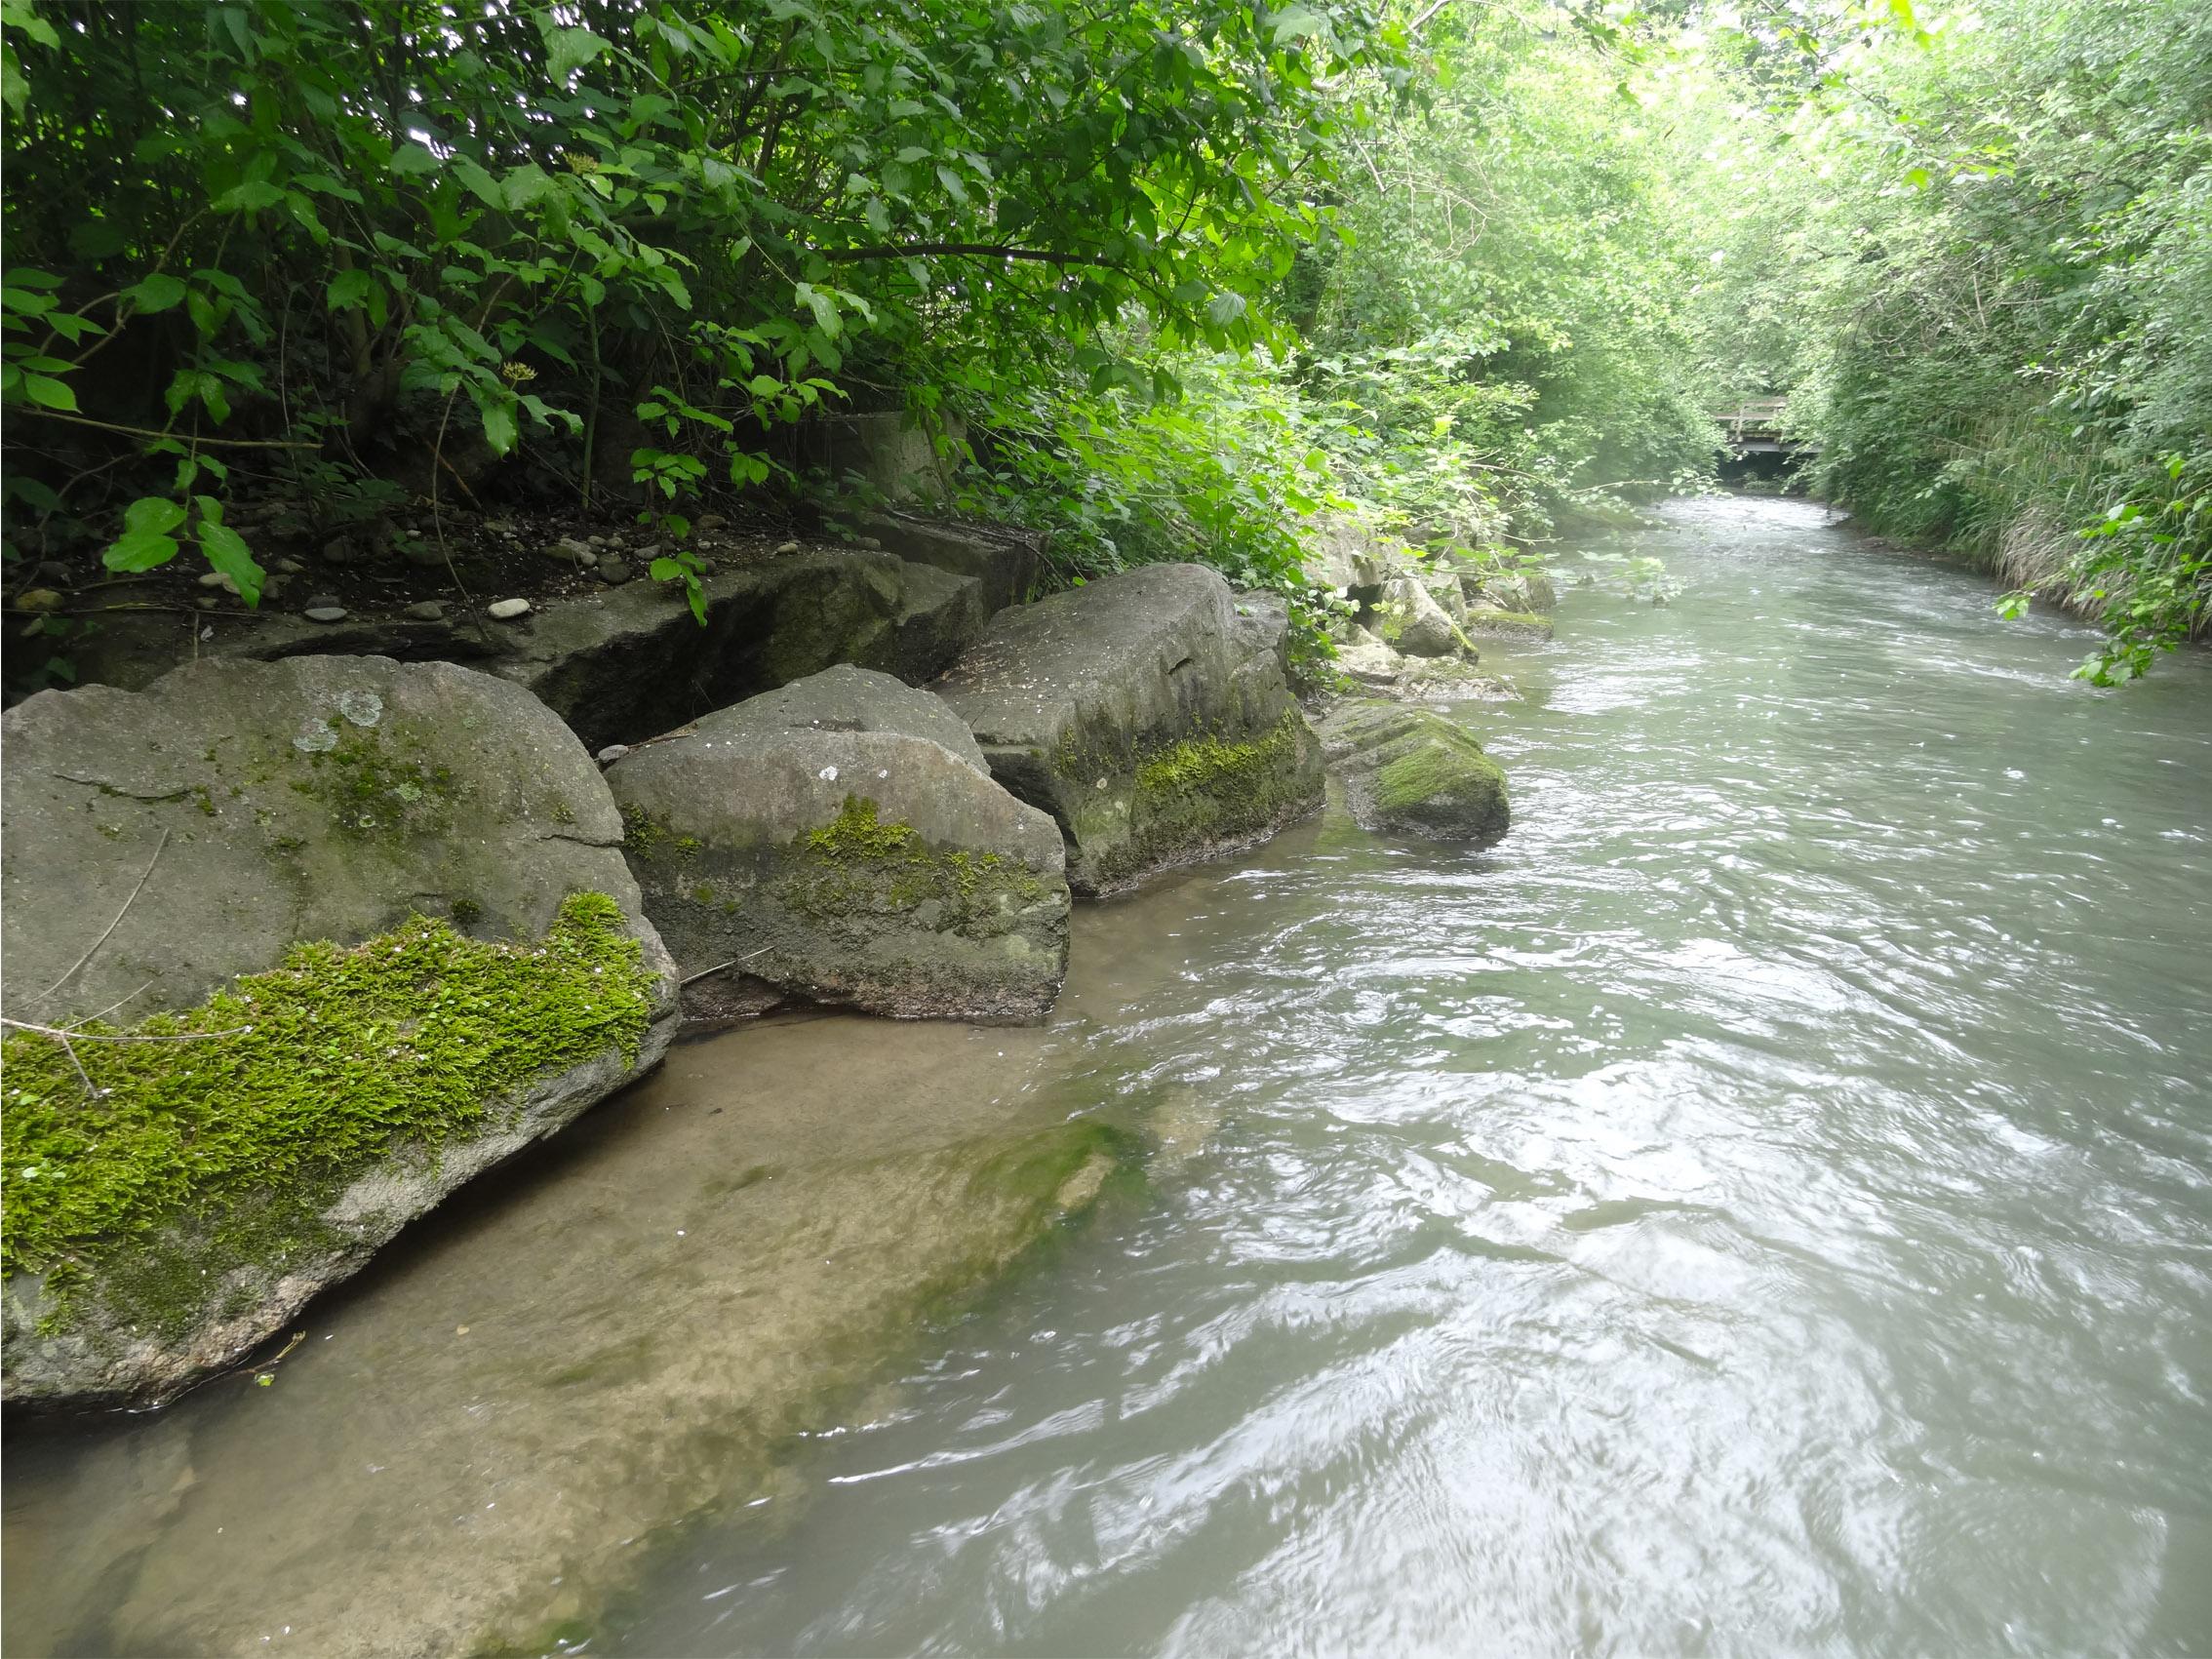 Uferverbauung am Sankt Albanteich